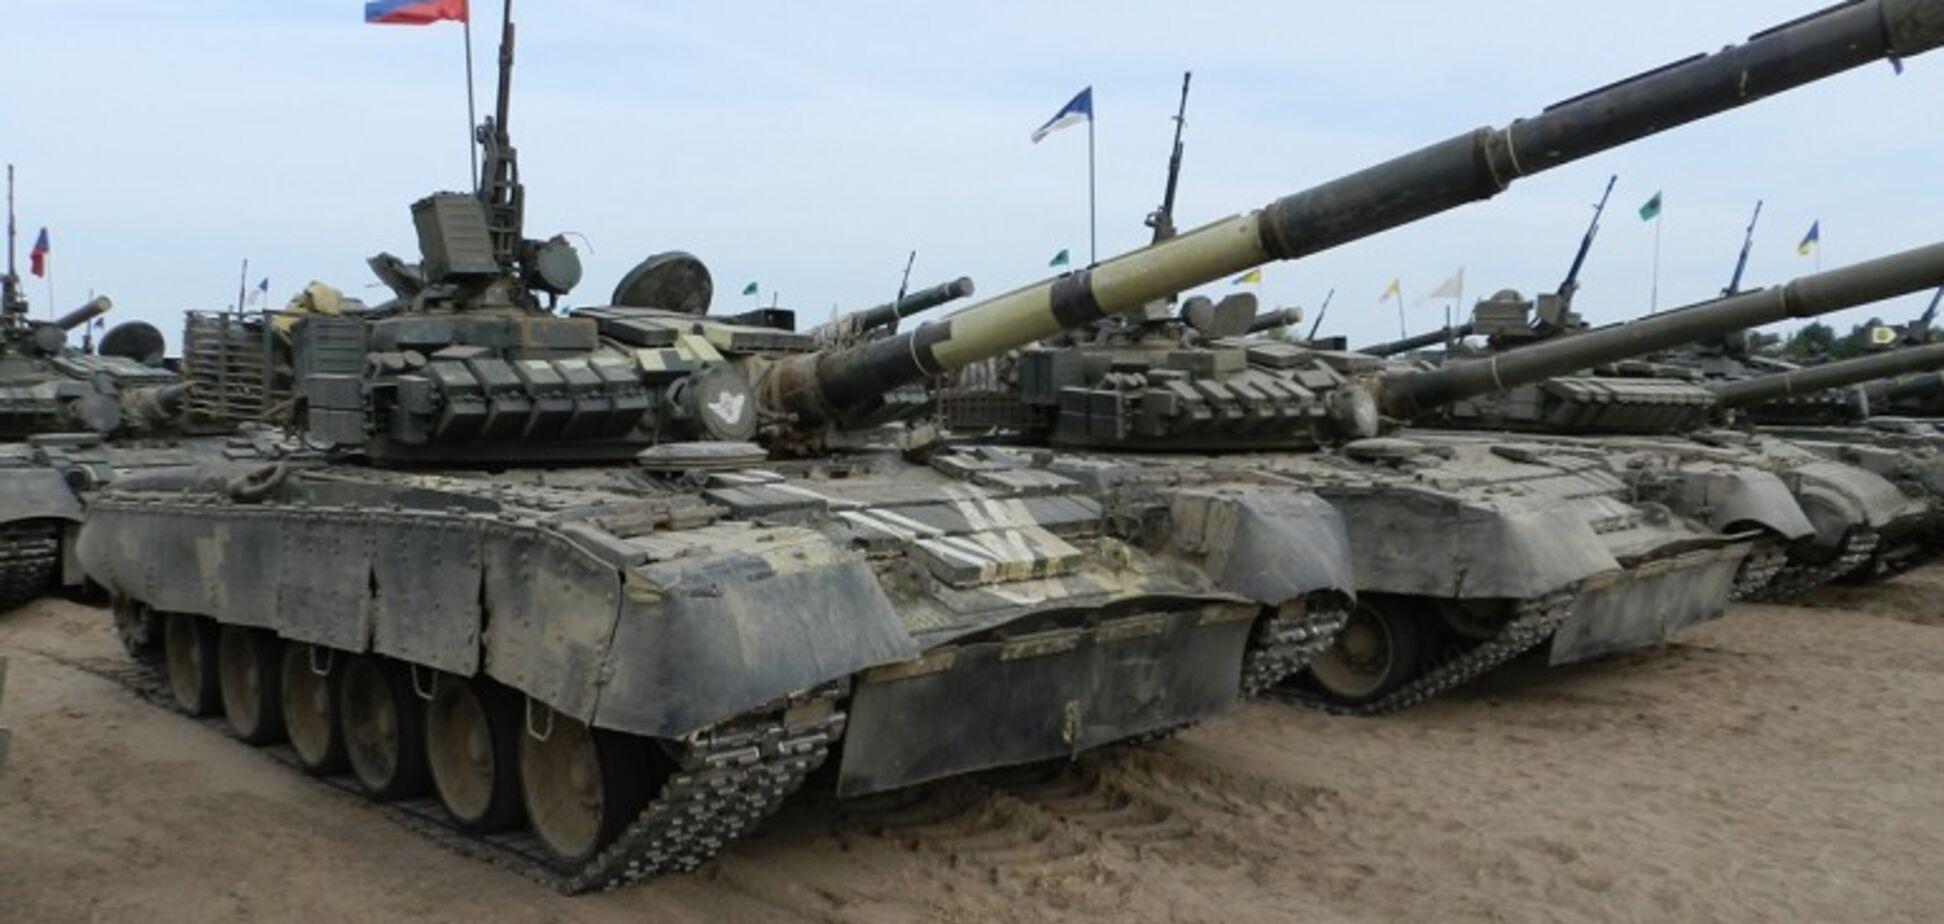 Где ''гибриды'' будут мстить за смерть Захарченко